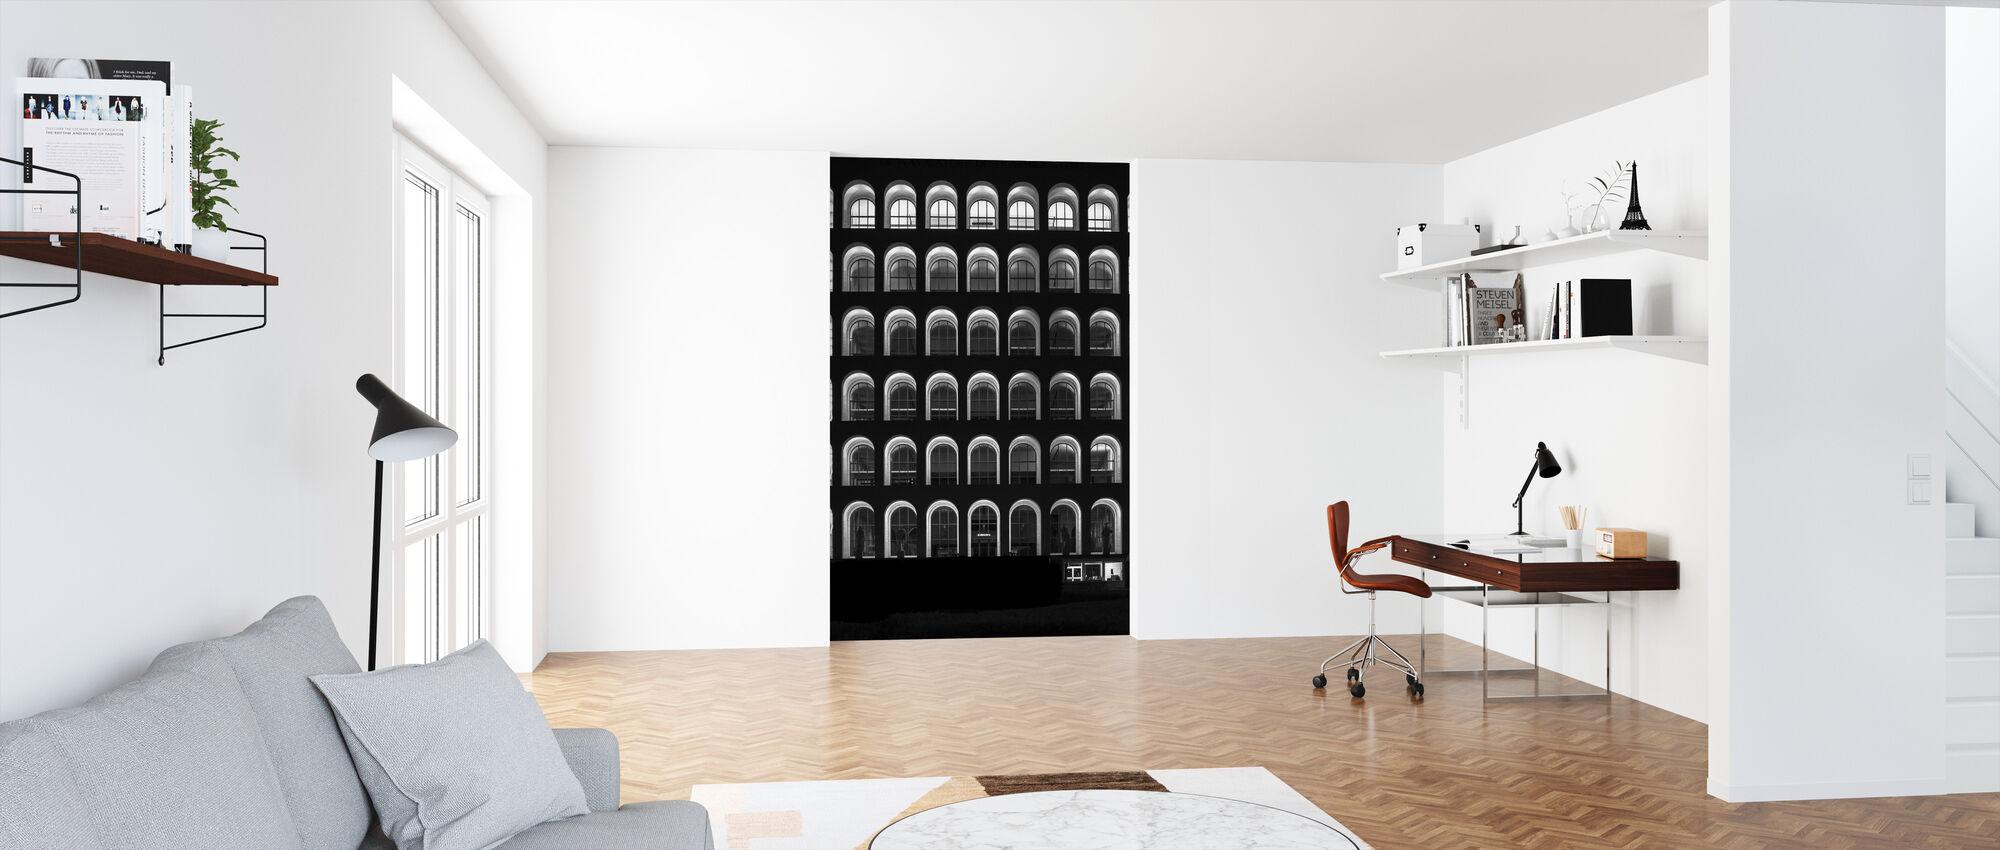 Palazzo Della Civilta Italiana - Wallpaper - Office